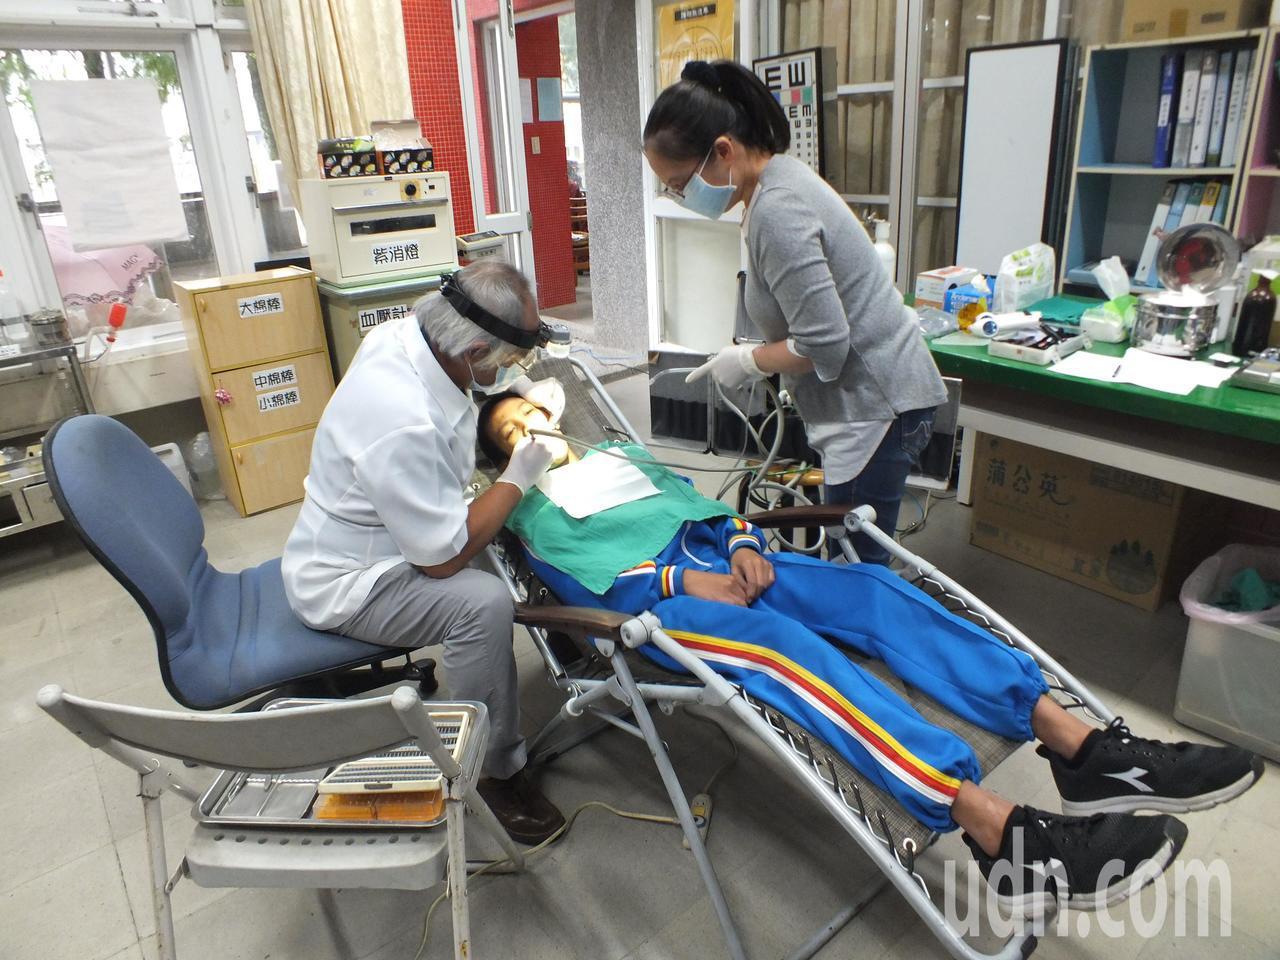 牙醫吳健民在巡迴醫療時,必須克服場地限制,自備躺椅、耗材、氣動幫浦等,為學童治療...